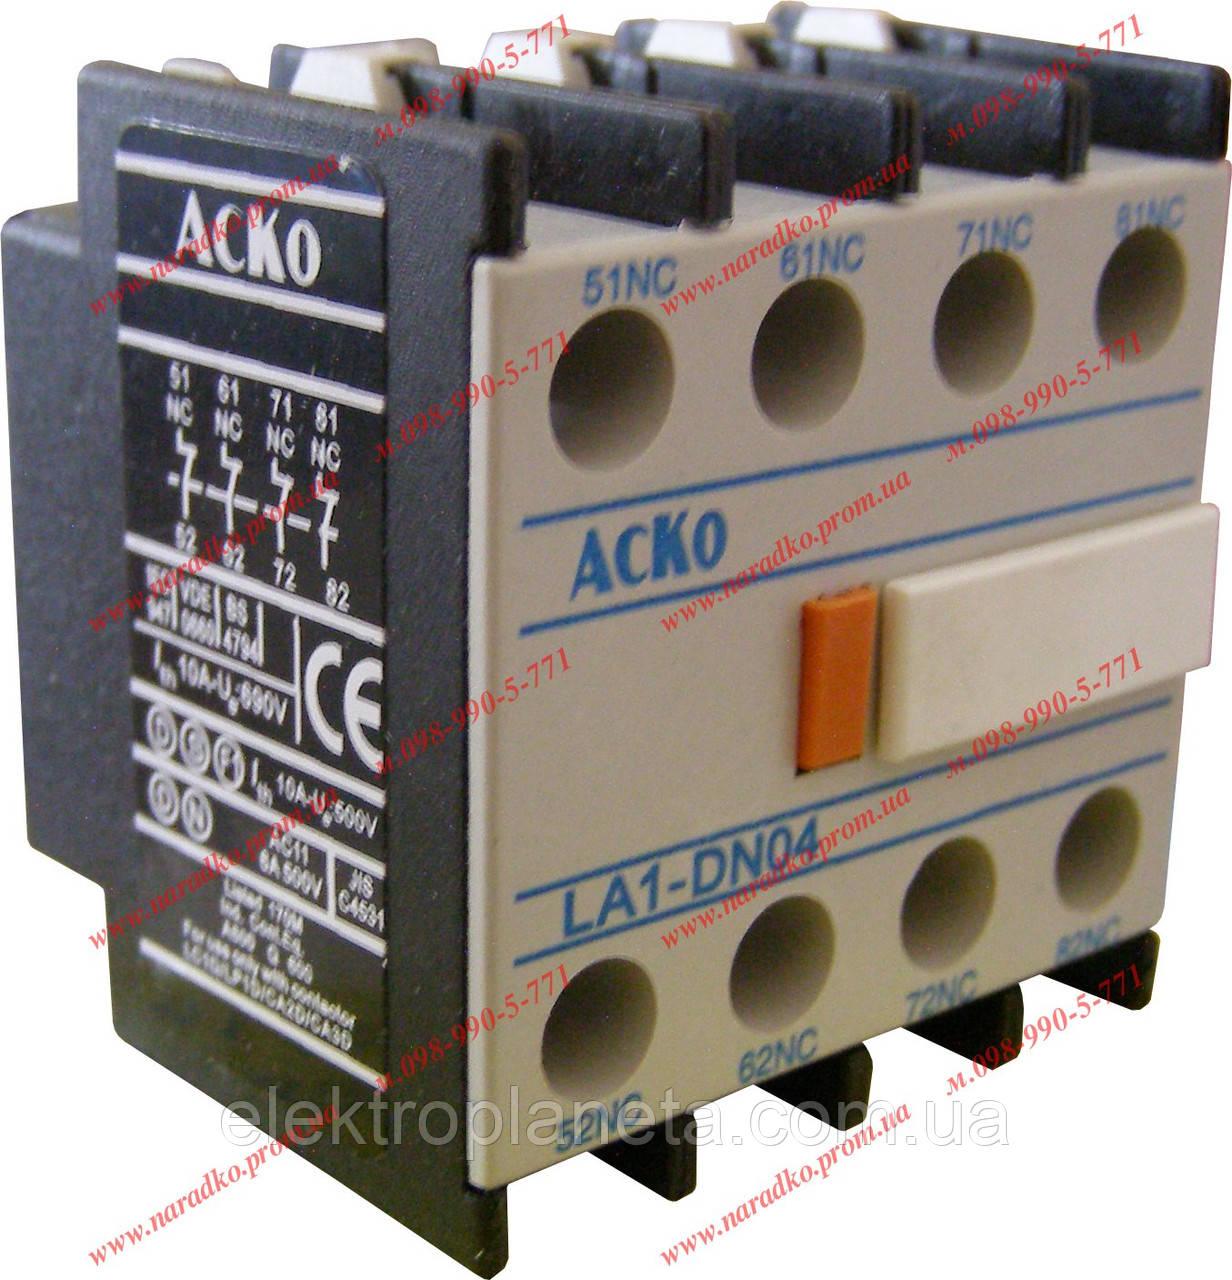 Дополнительный контакт для магнитного пускателя ДК-22 (LA1-DN22) - ФОП «НАРАДЬКО Б. Ю.» в Киевской области